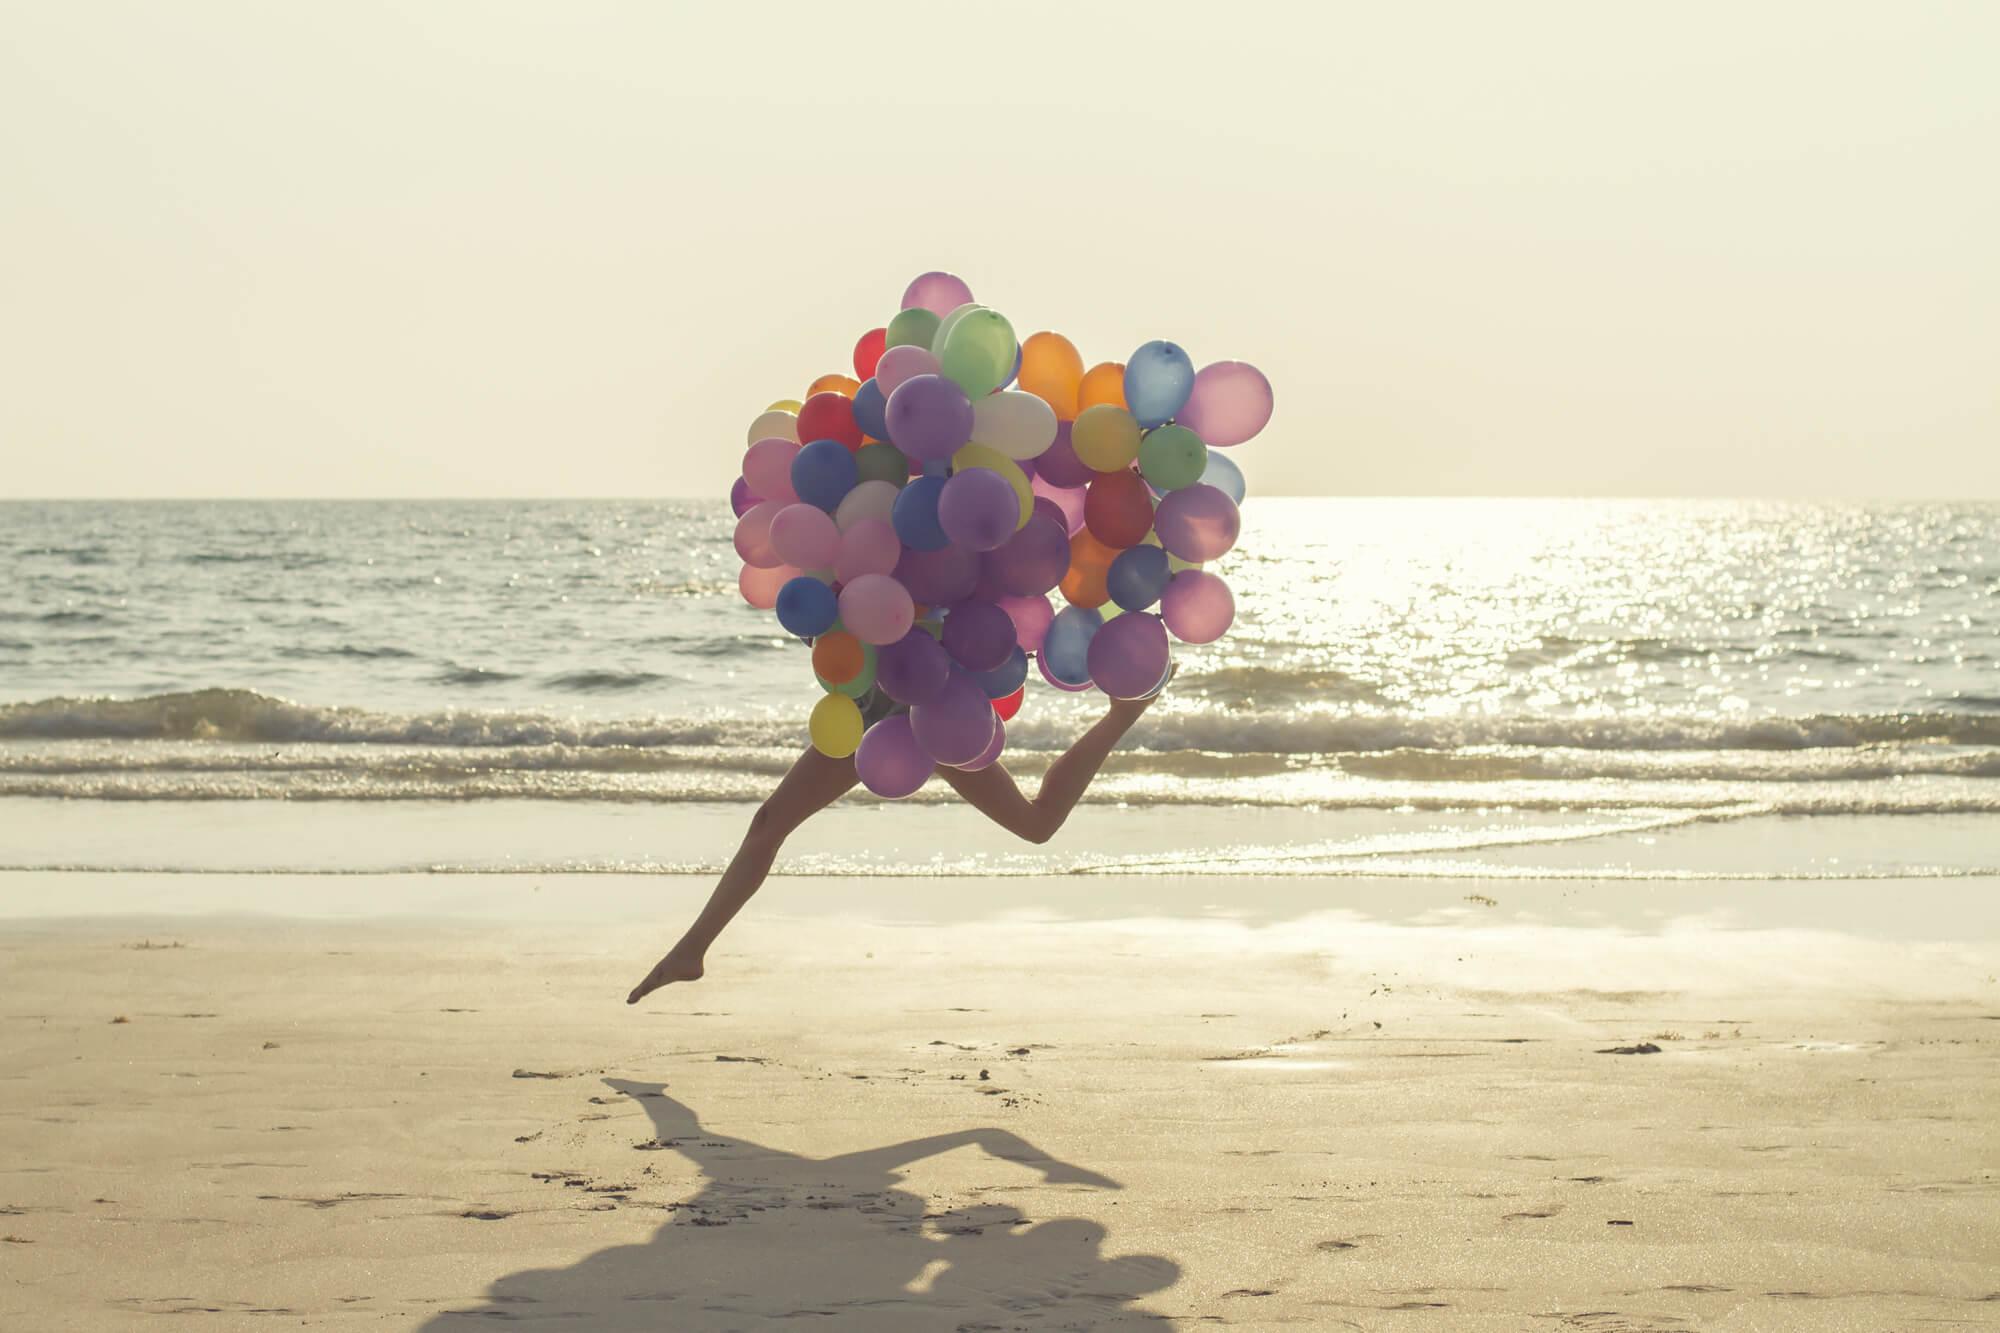 Frau-läuft-am-Strand-entlang-mit-Luftballons-in-der-Hand